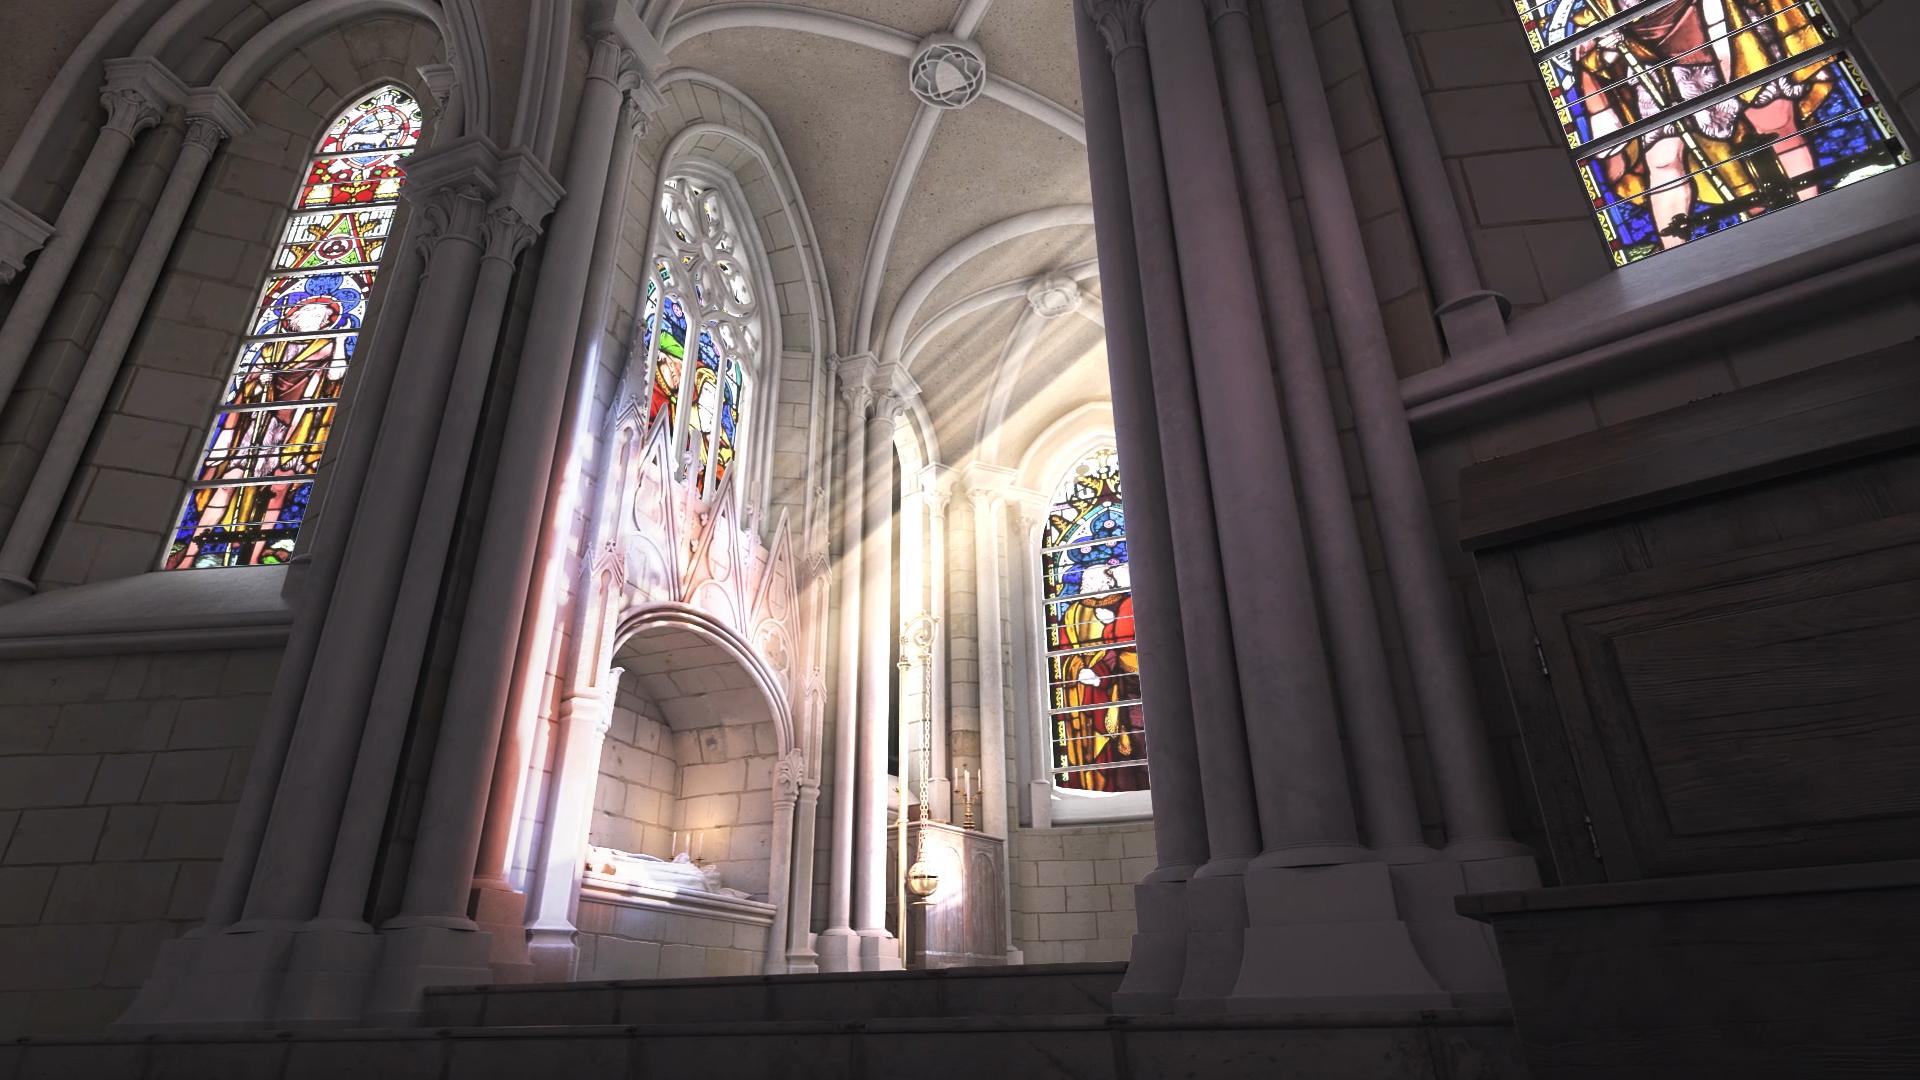 Modélisation 3D et photogrammétrie pour la Restitution 3D du Chœur de la collégiale Saint Martin au XVème siècle - Dripmoon